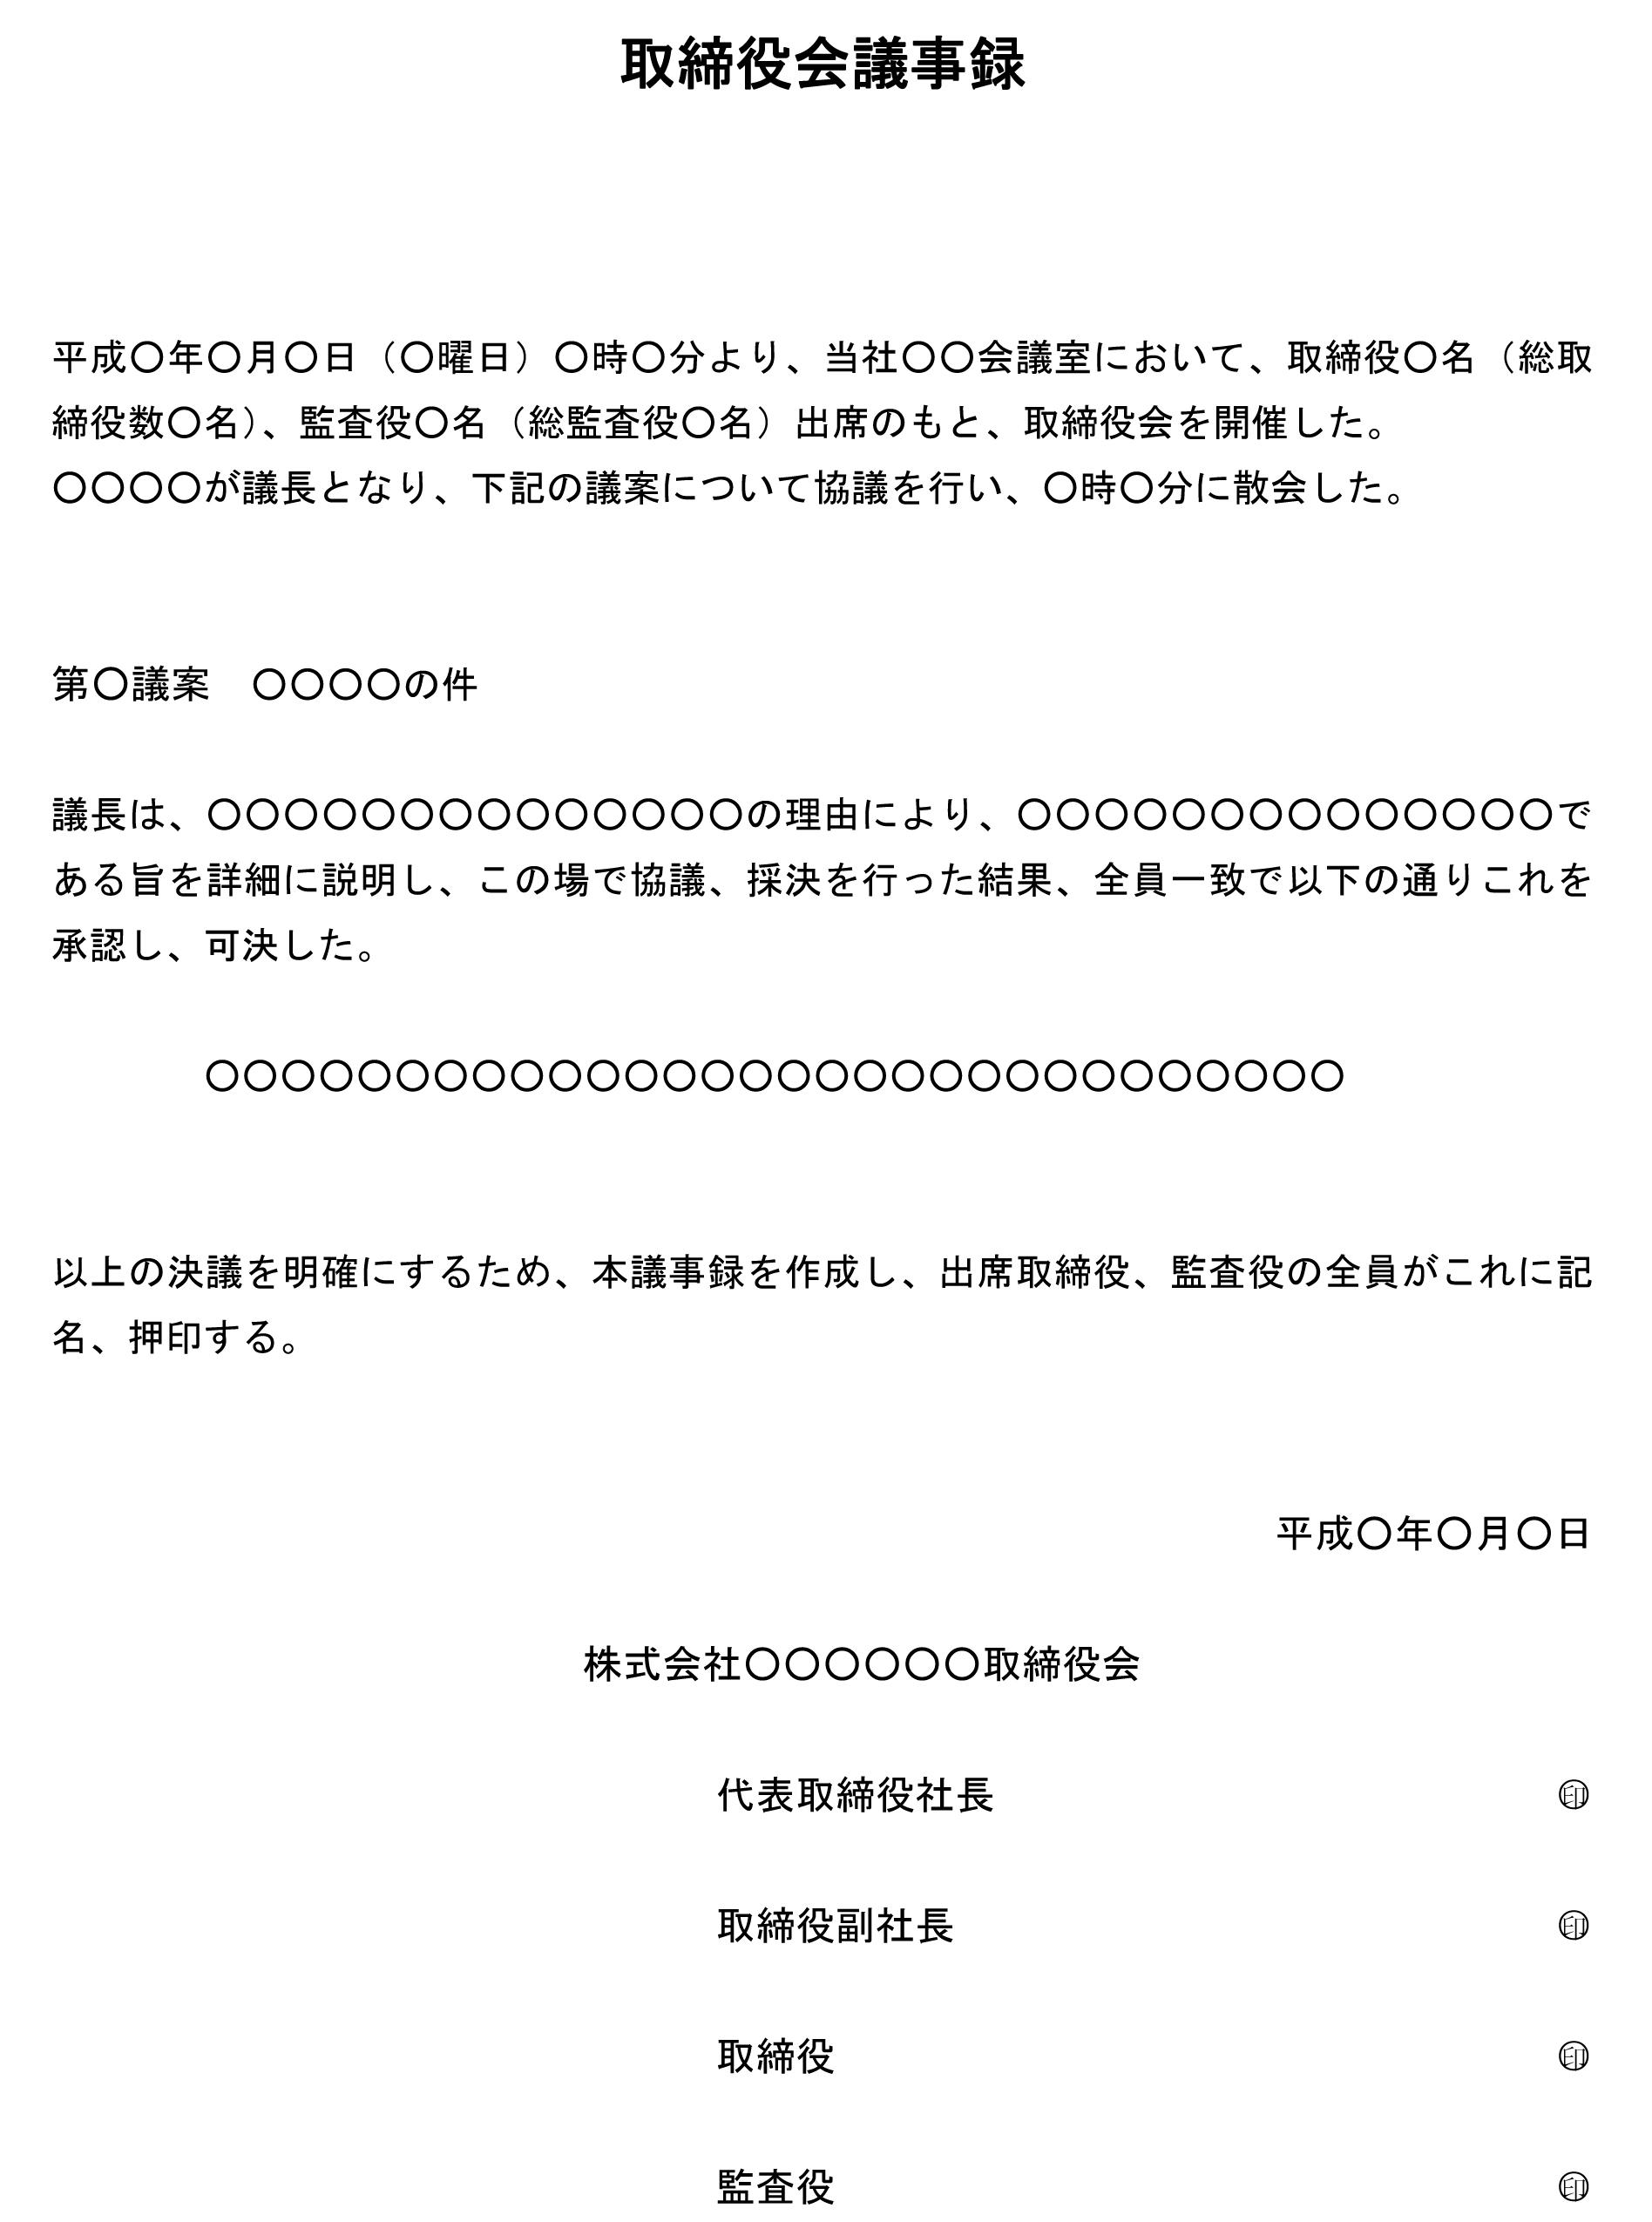 取締役会議事録(用途不問)01